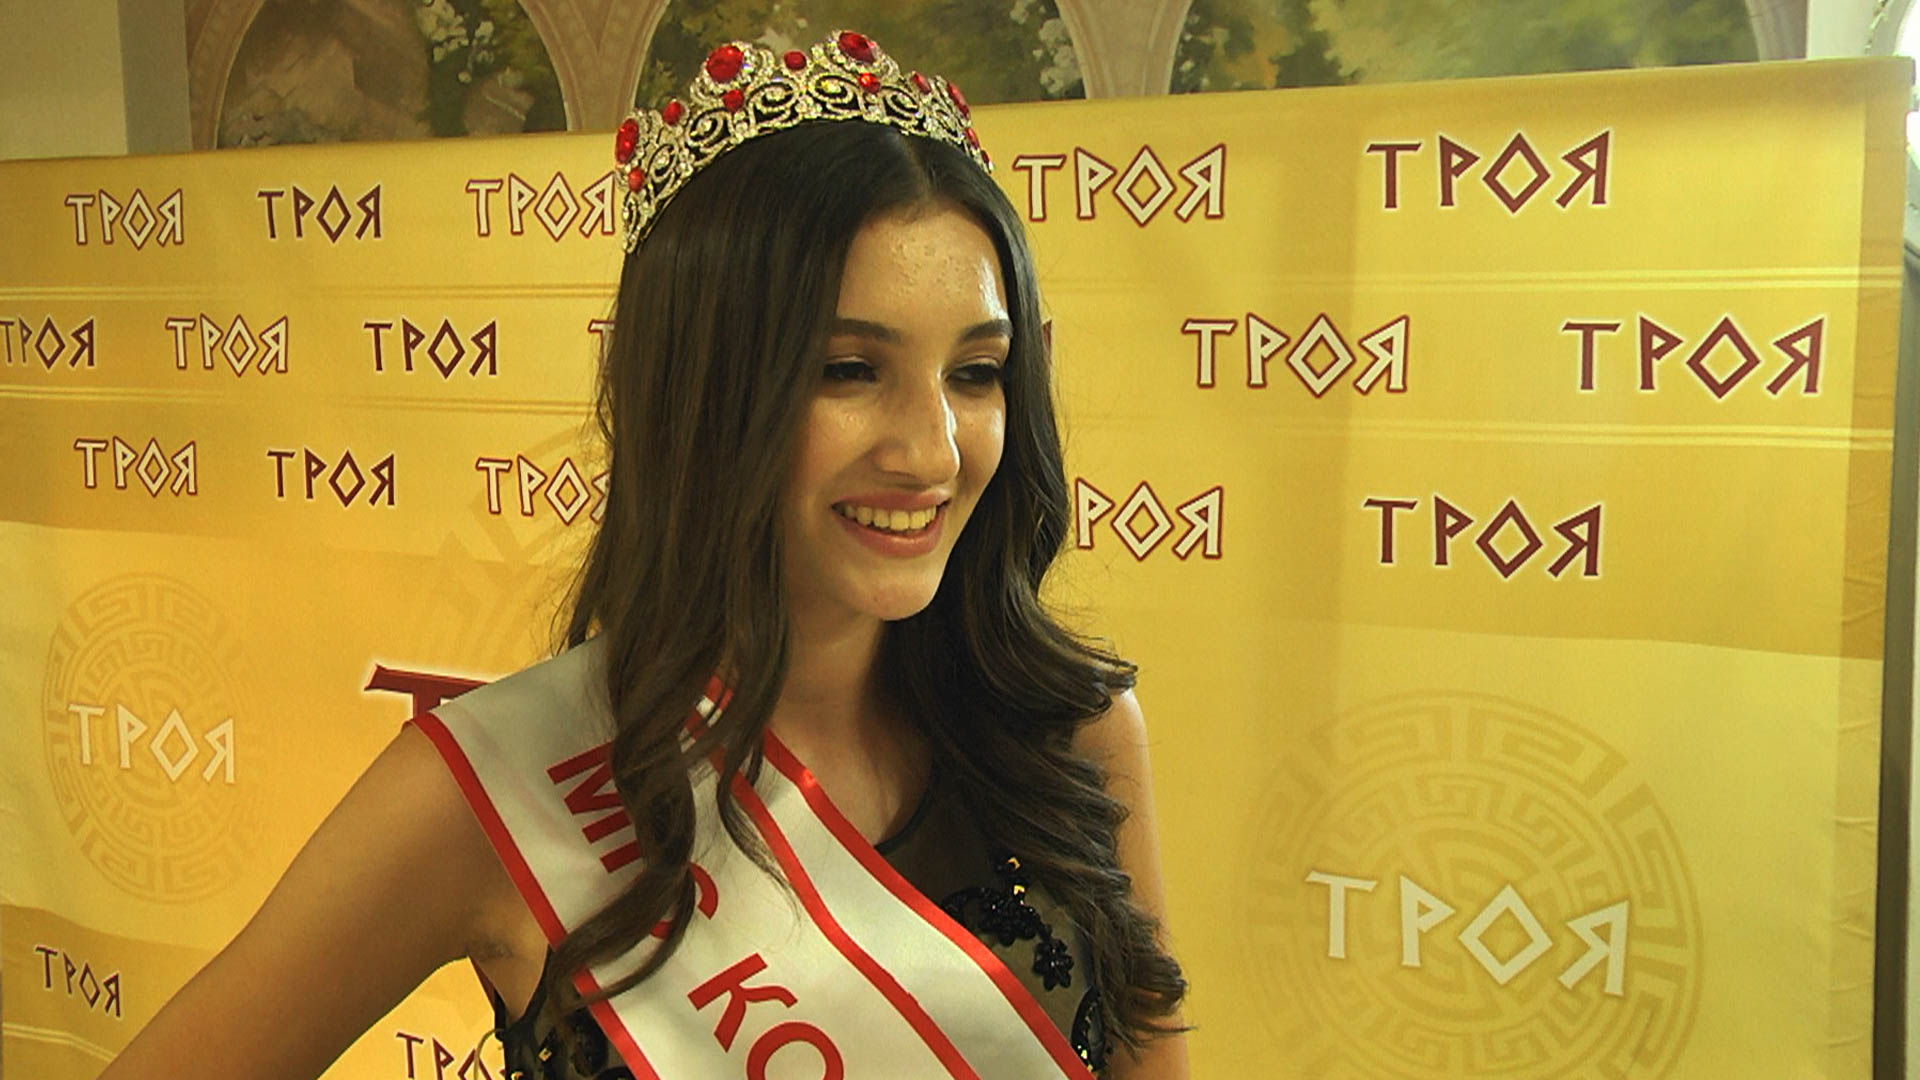 Найкрасивішу дівчину обрали в Коломиї (ВІДЕО)